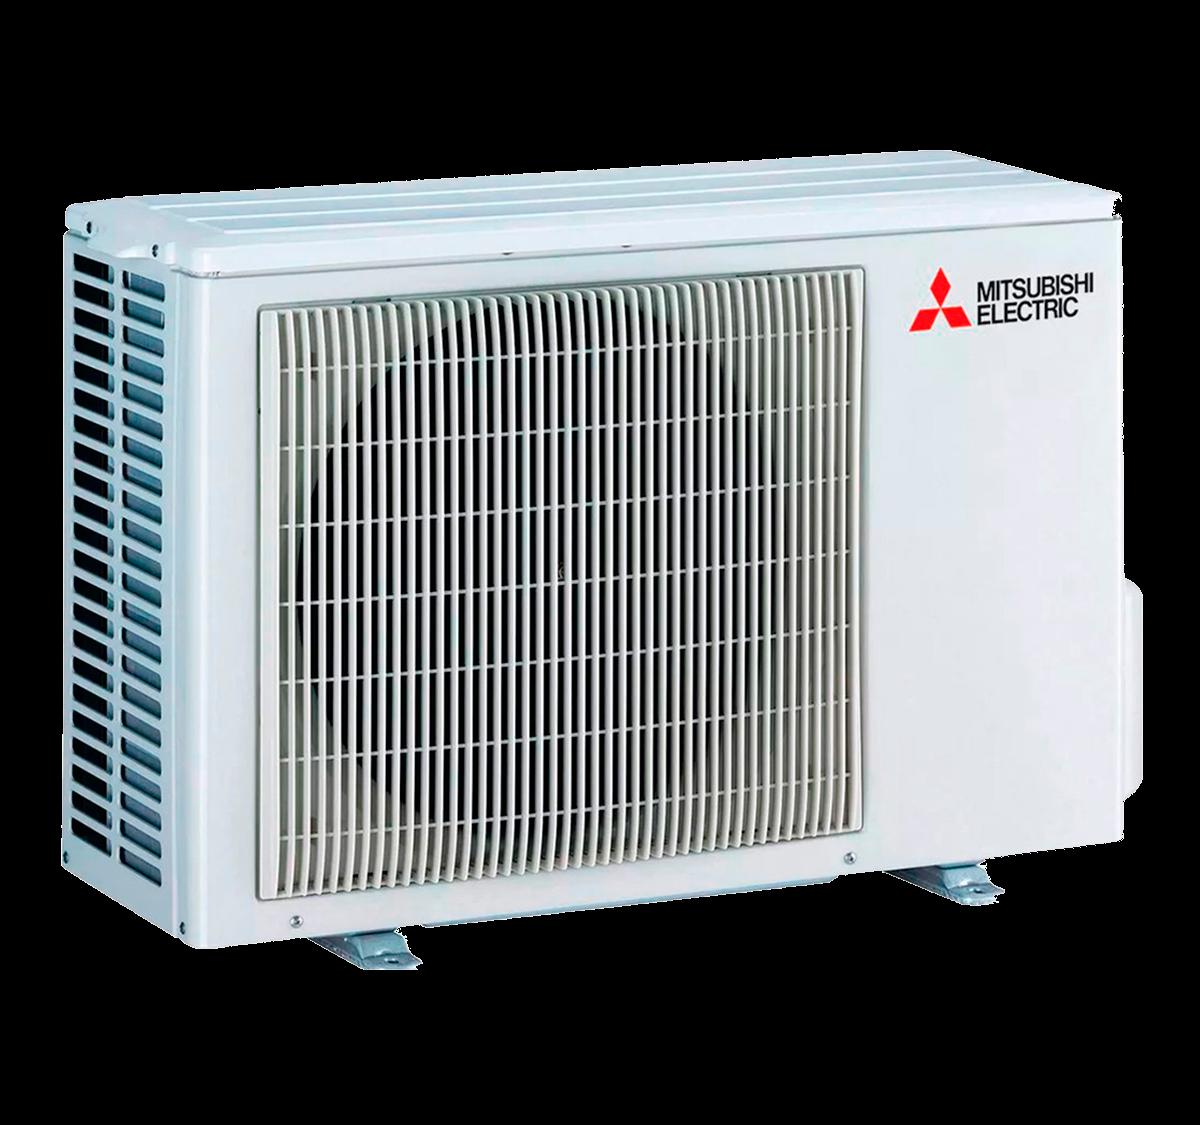 aire acondicionado unidad exterior mitsubishi electric inverter muz ln35vg serie kirigamine style modelo msz ln35vgw precio incluido instalacion caseragua 01